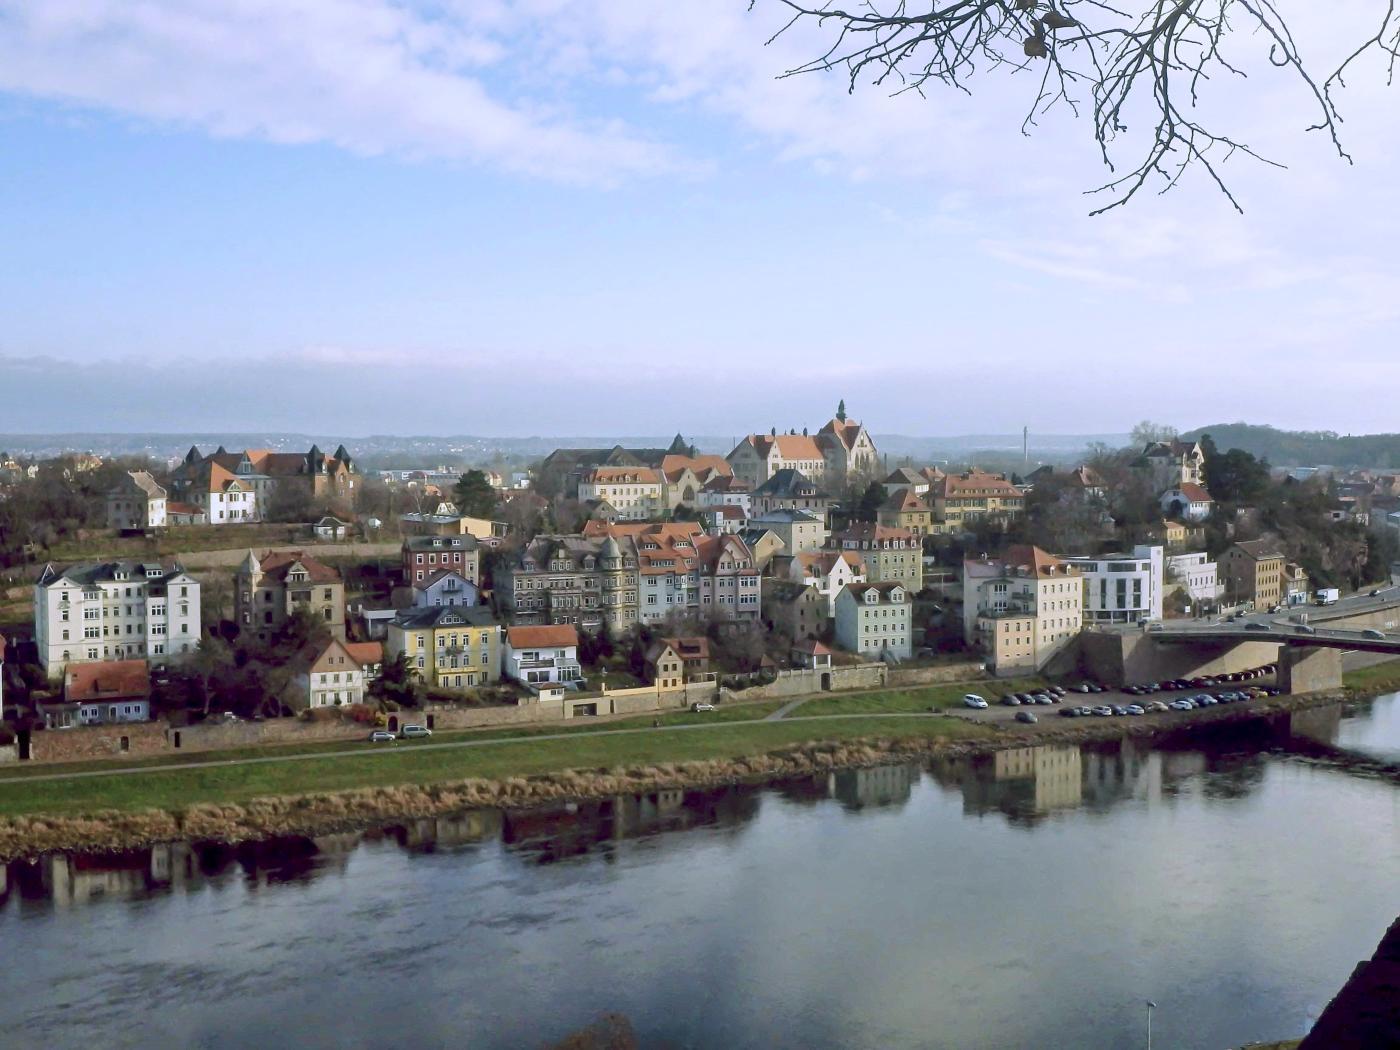 Blick von der Burg über die Elbe auf die Stadt Meißen